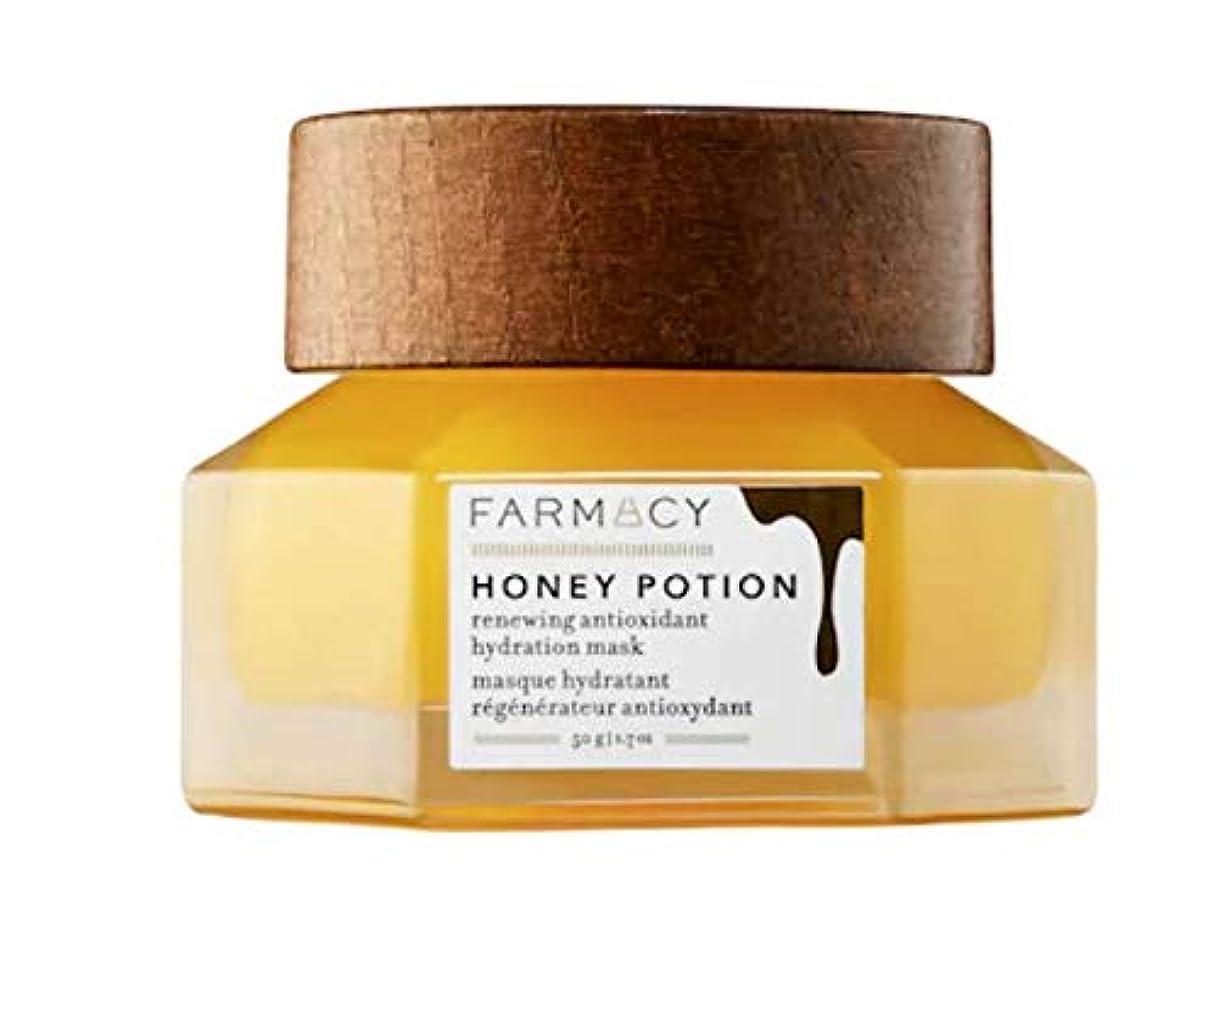 血色の良いその結果シェアファーマシー FARMACY ハニーポーション リニューイング アンチオキシデント ハイドレーションマスク 50g?Honey Potion Renewing Antioxidant Hydration Mask